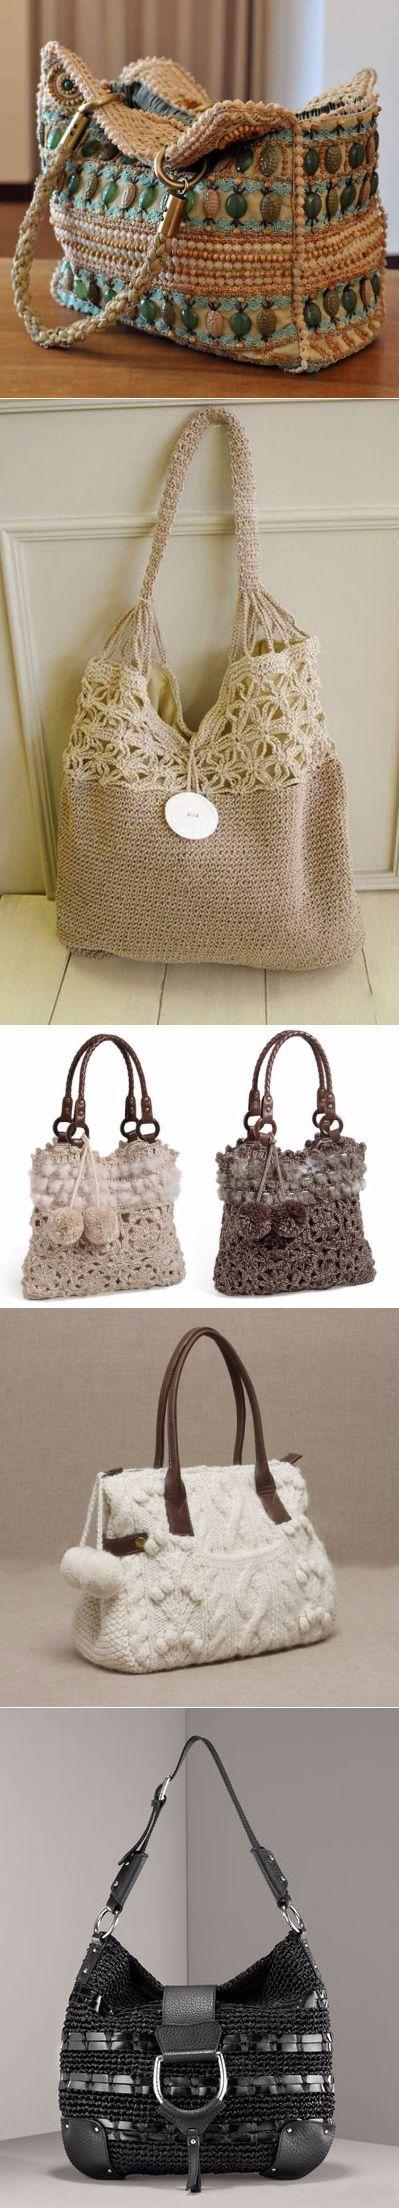 схема вязании сумочки с кики